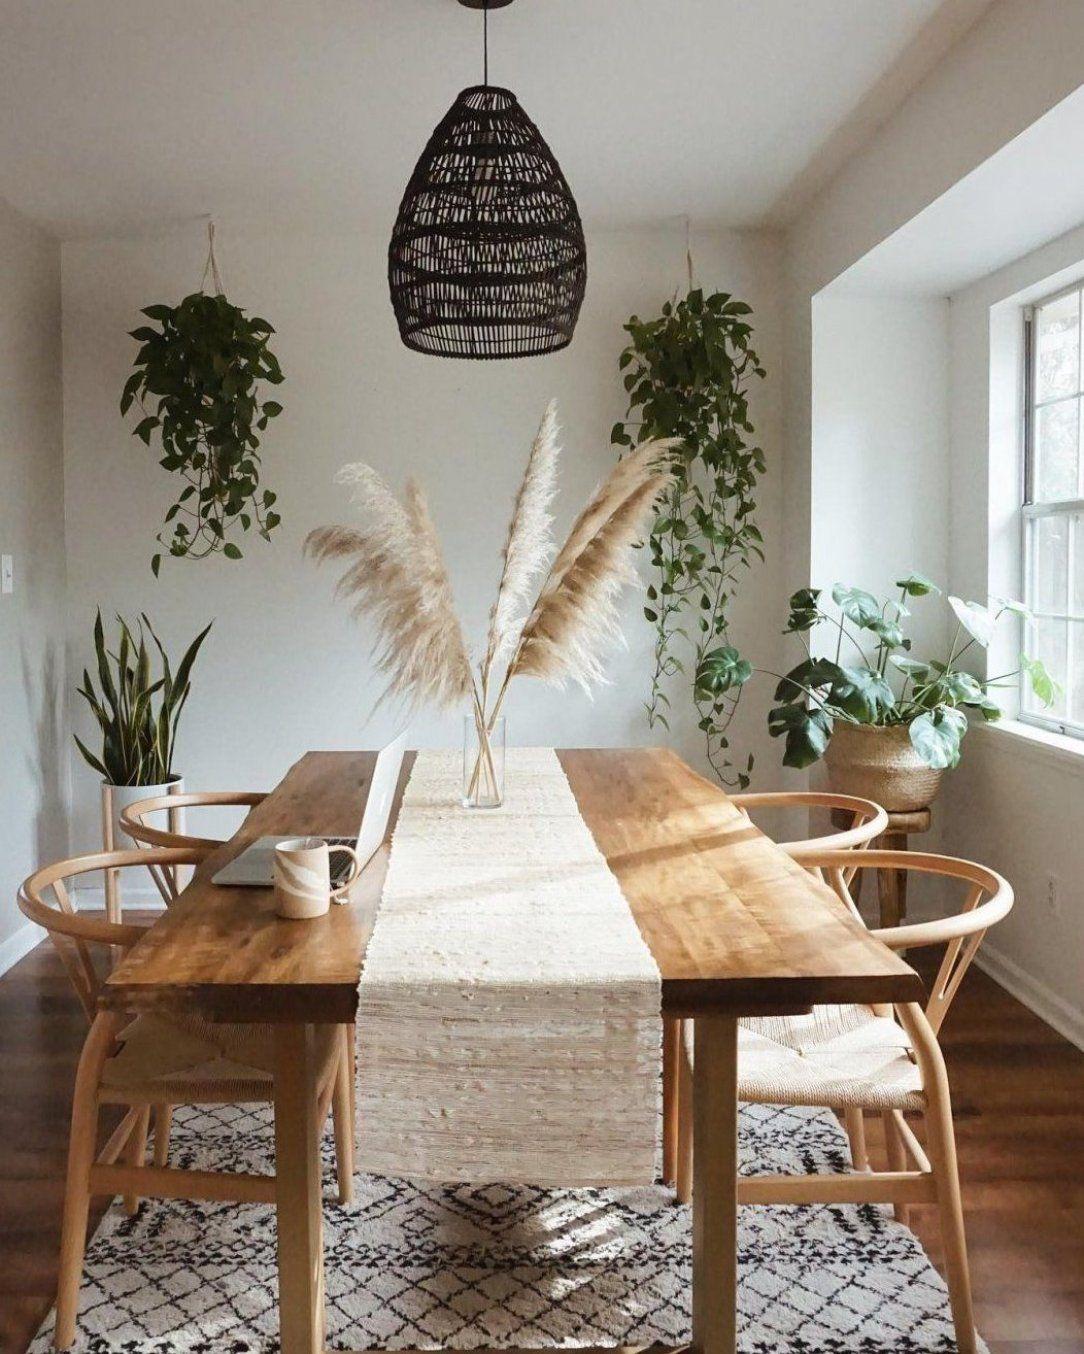 Homedecor Decoratingideas Decorstyle Minimalist Dining Room Dining Room Table Decor Minimalist Dining Room Table Picture decorations dining room